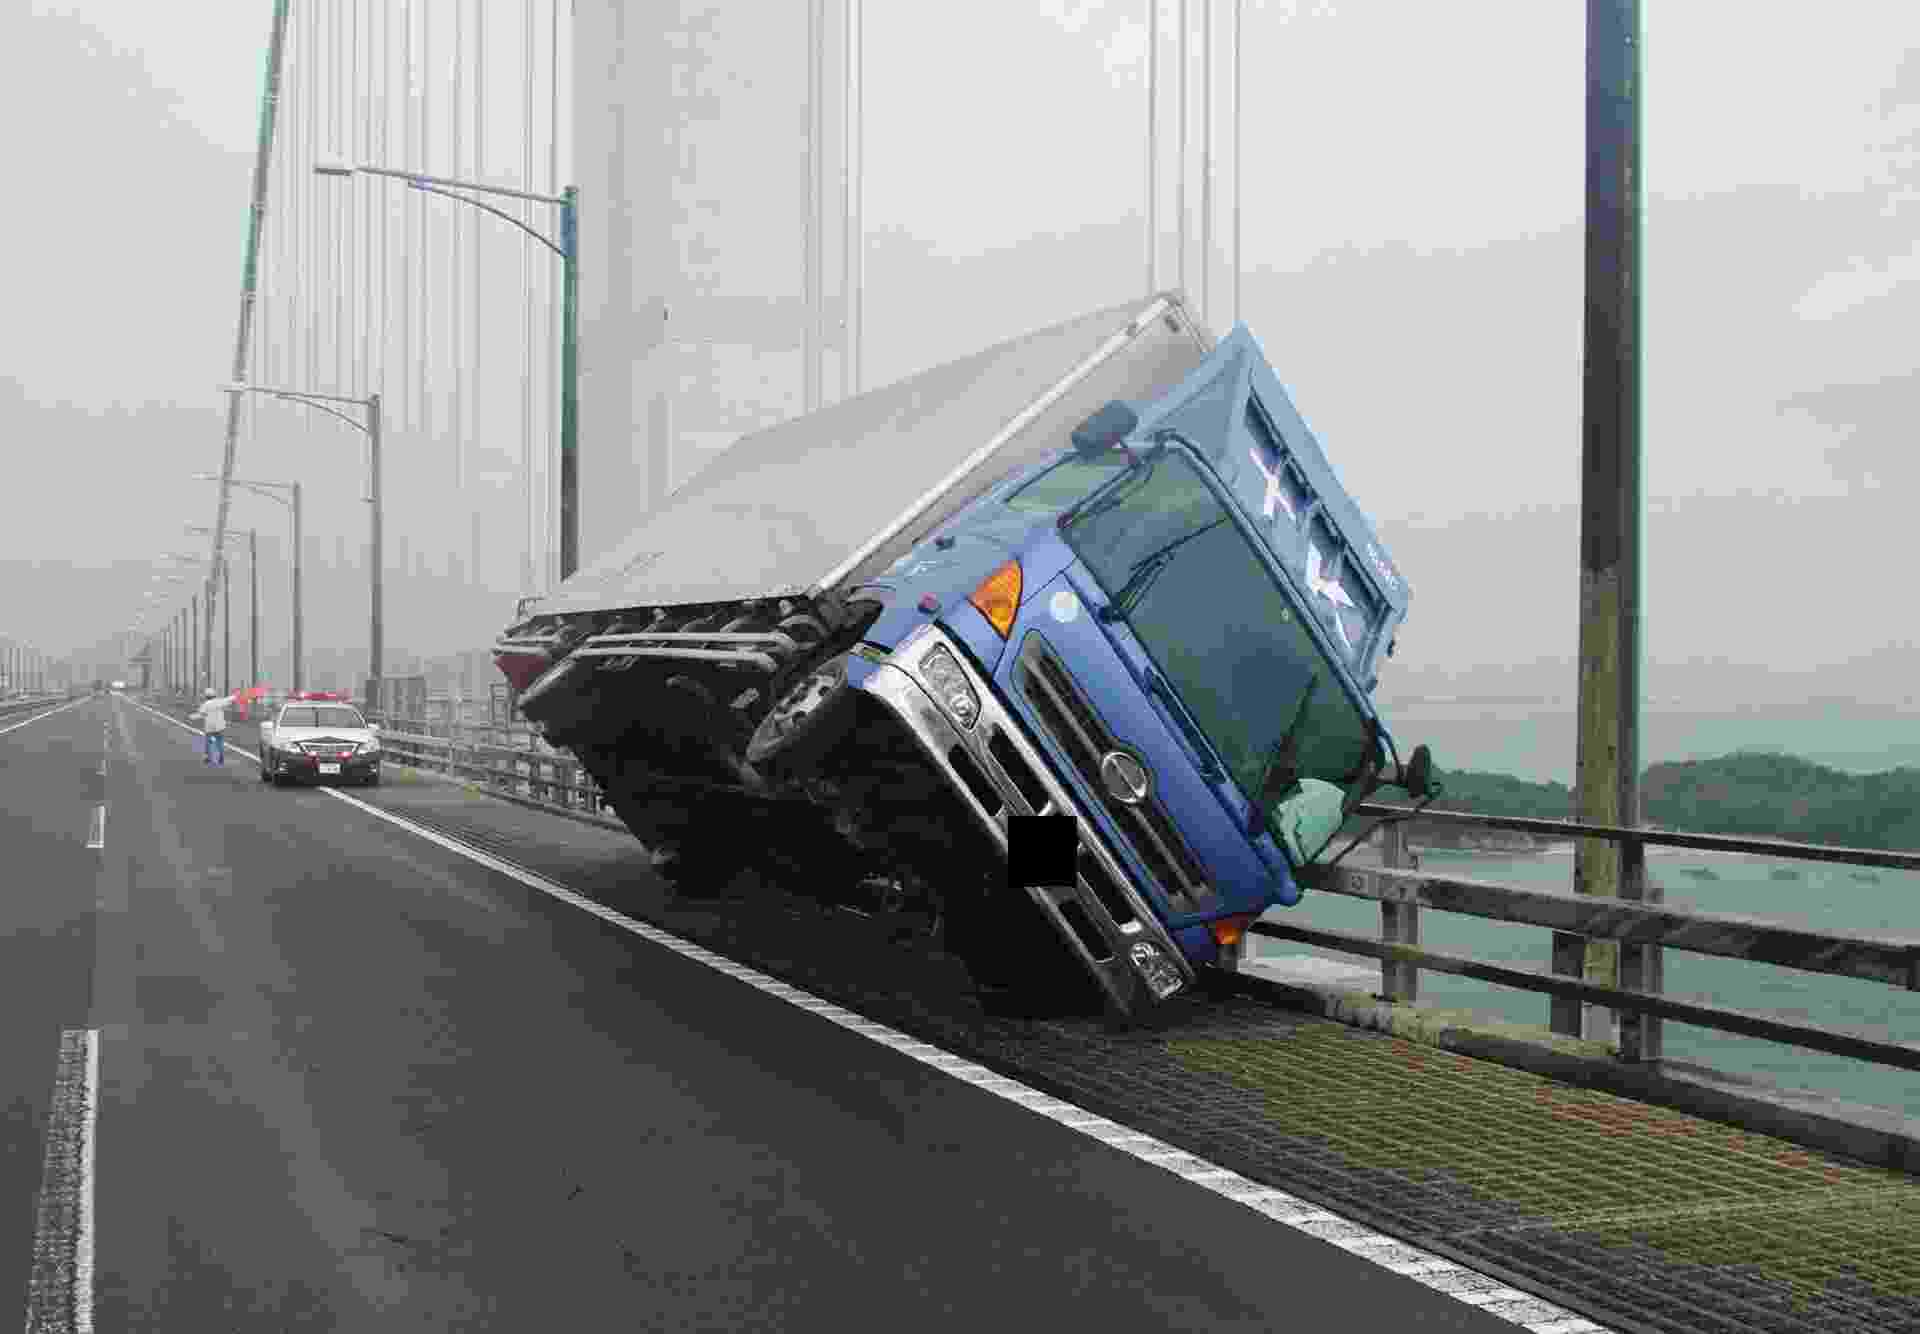 4.set.2018 - Caminhão tombado na ponte Seto Ohashi, em Kagawa, na ilha de Shikoku, no Japão, após a chegada do tufão Jebi ao país - JIJI PRESS/AFP